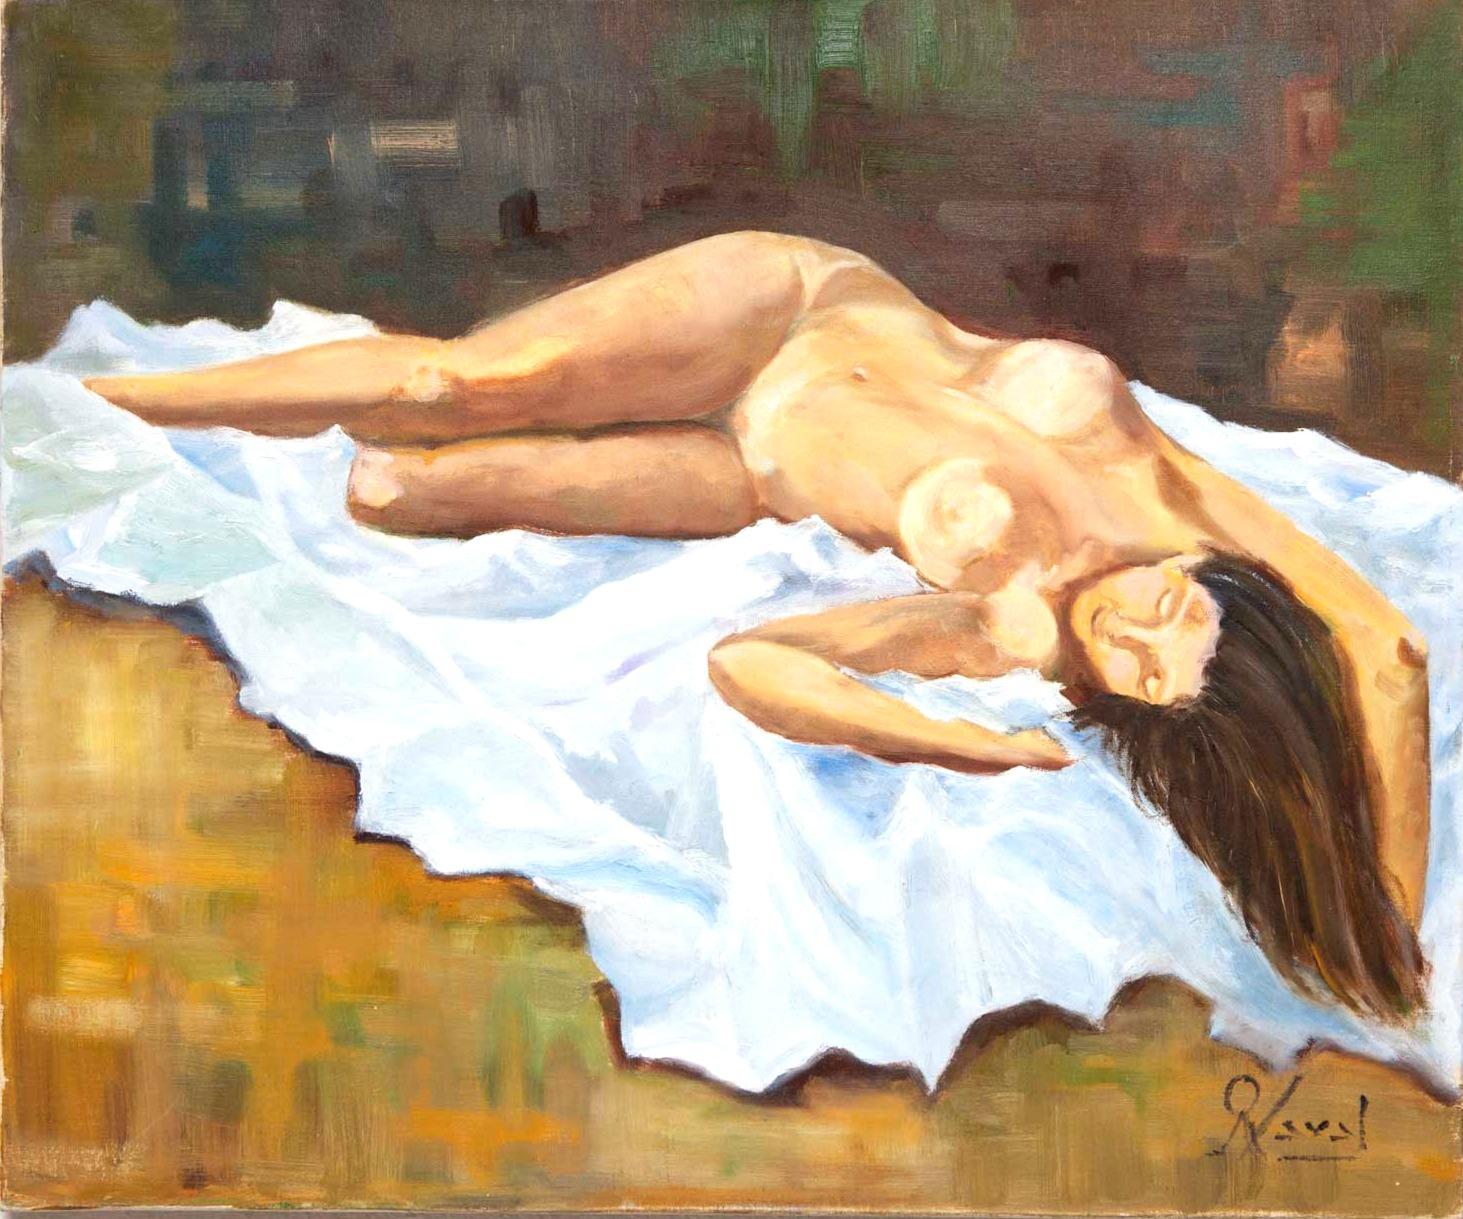 Sobre la sábana